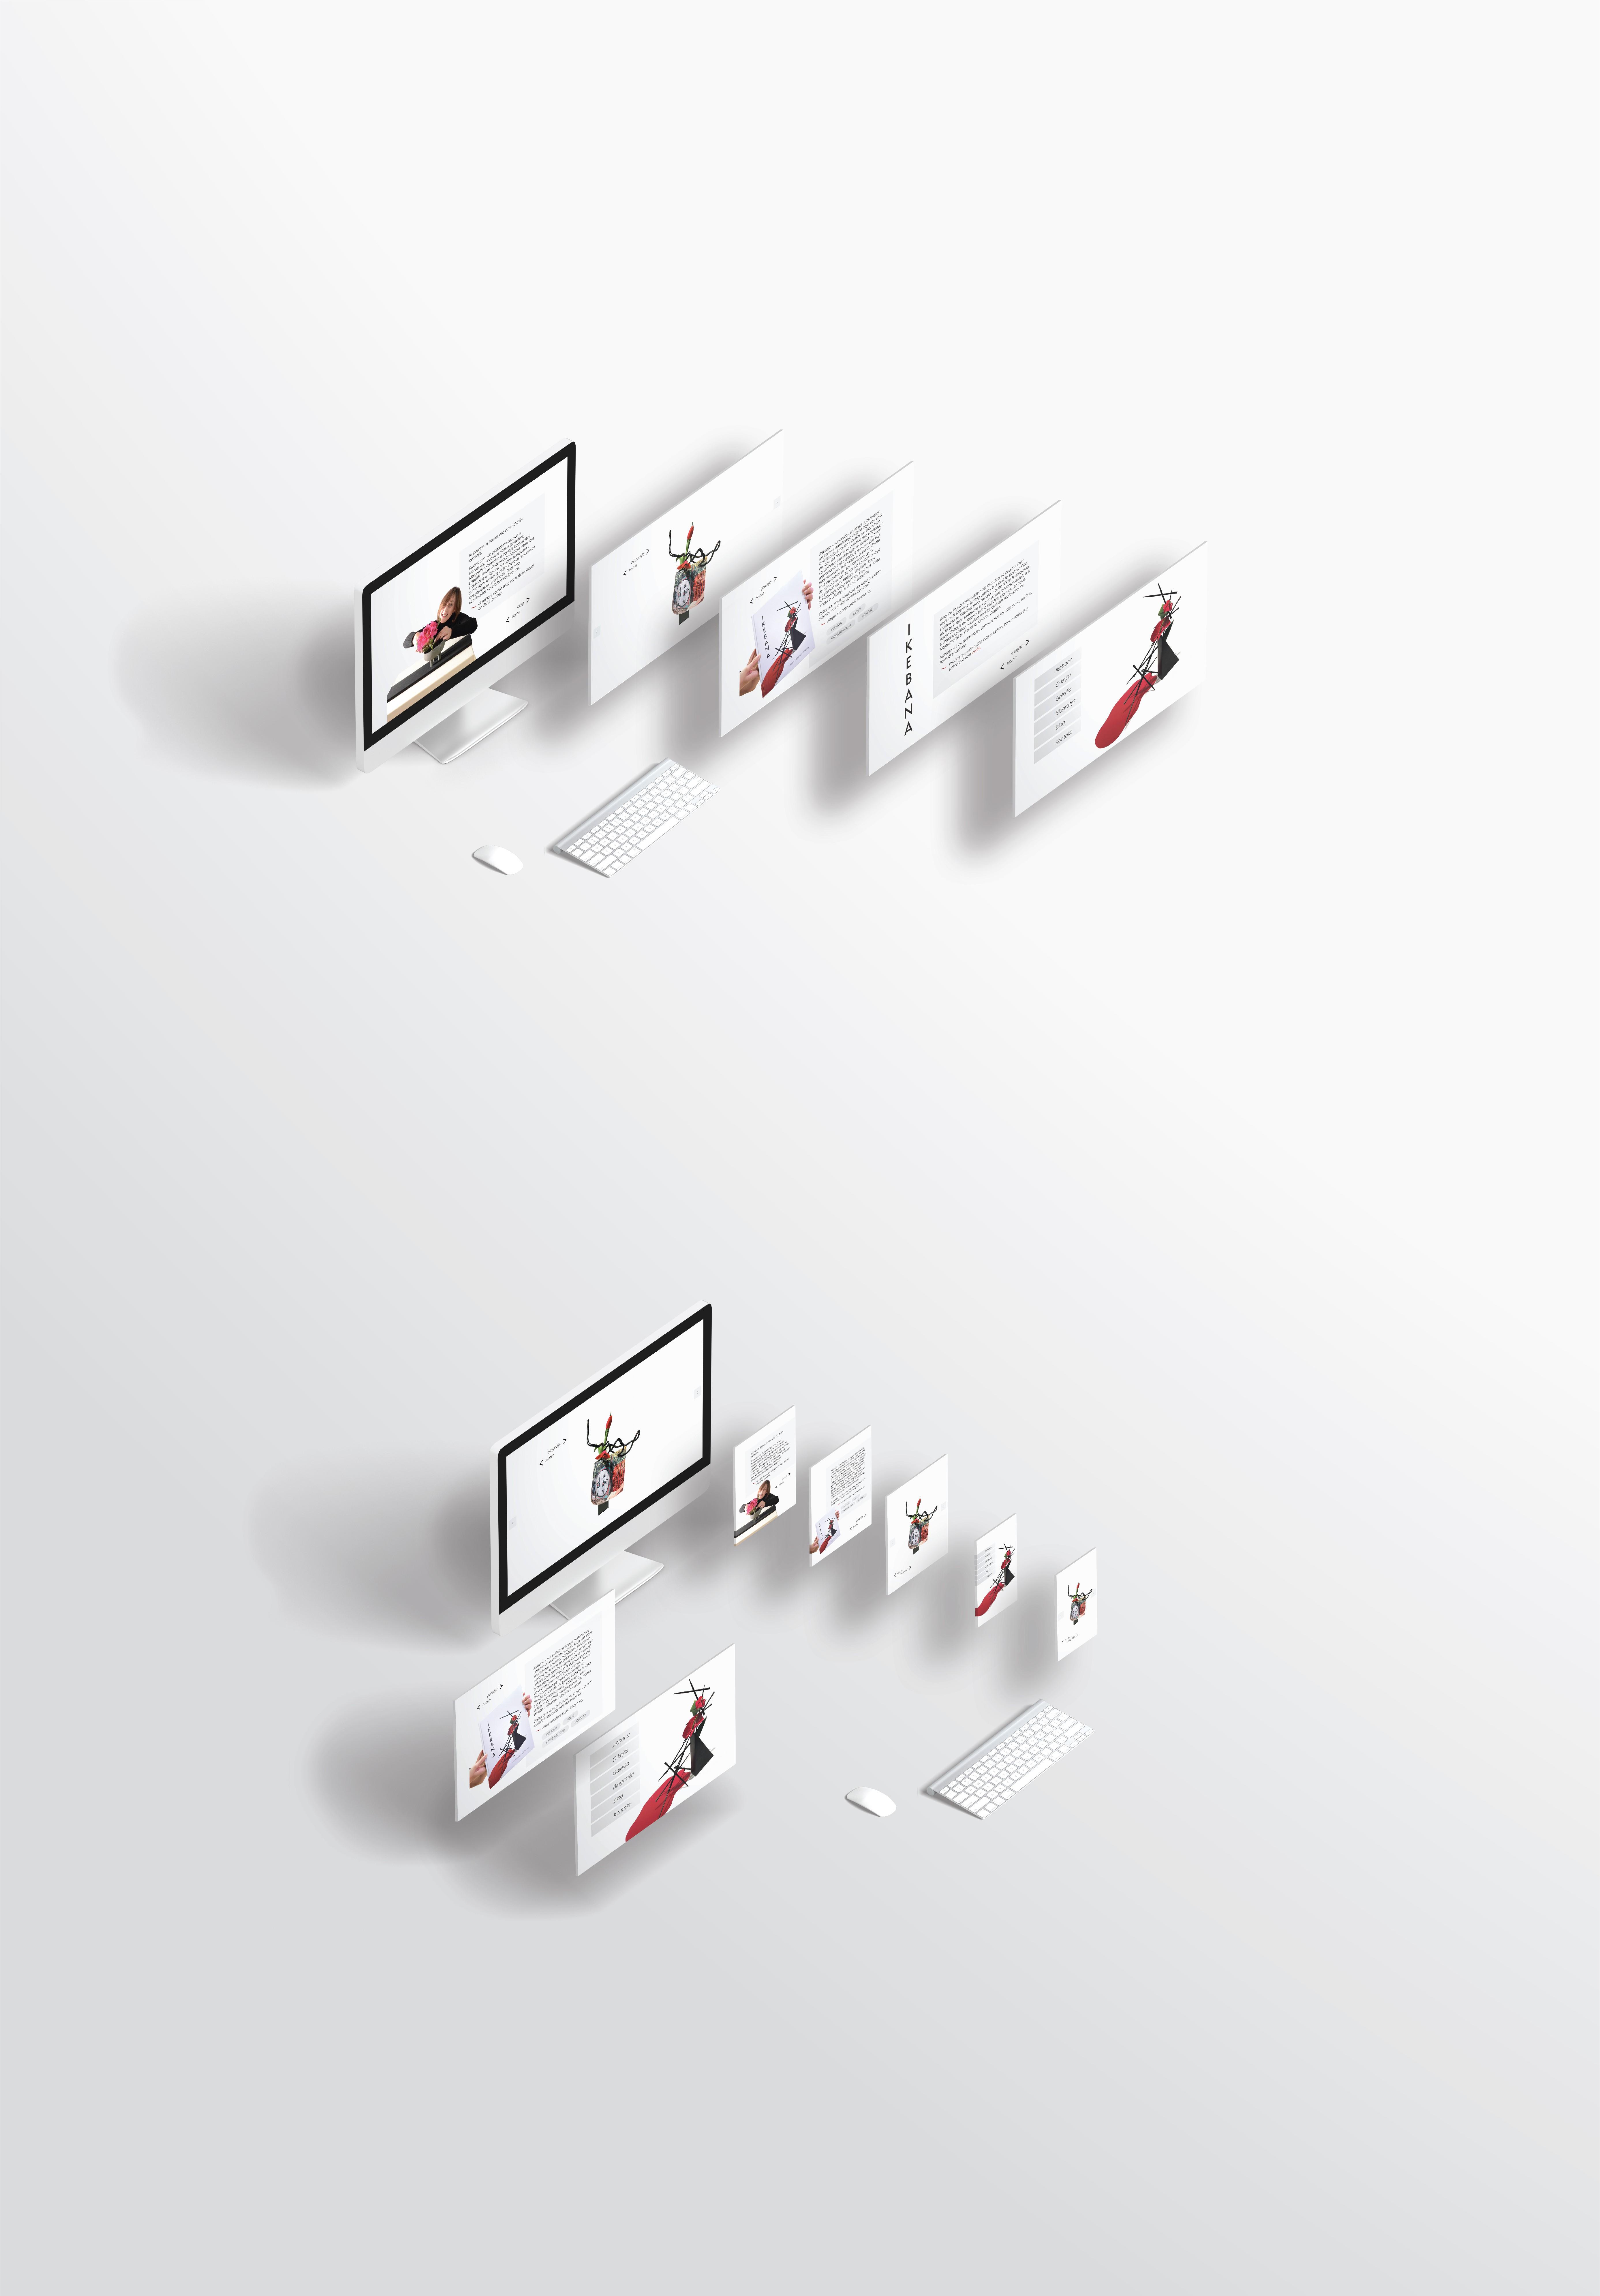 Put cvijeća - Web Design